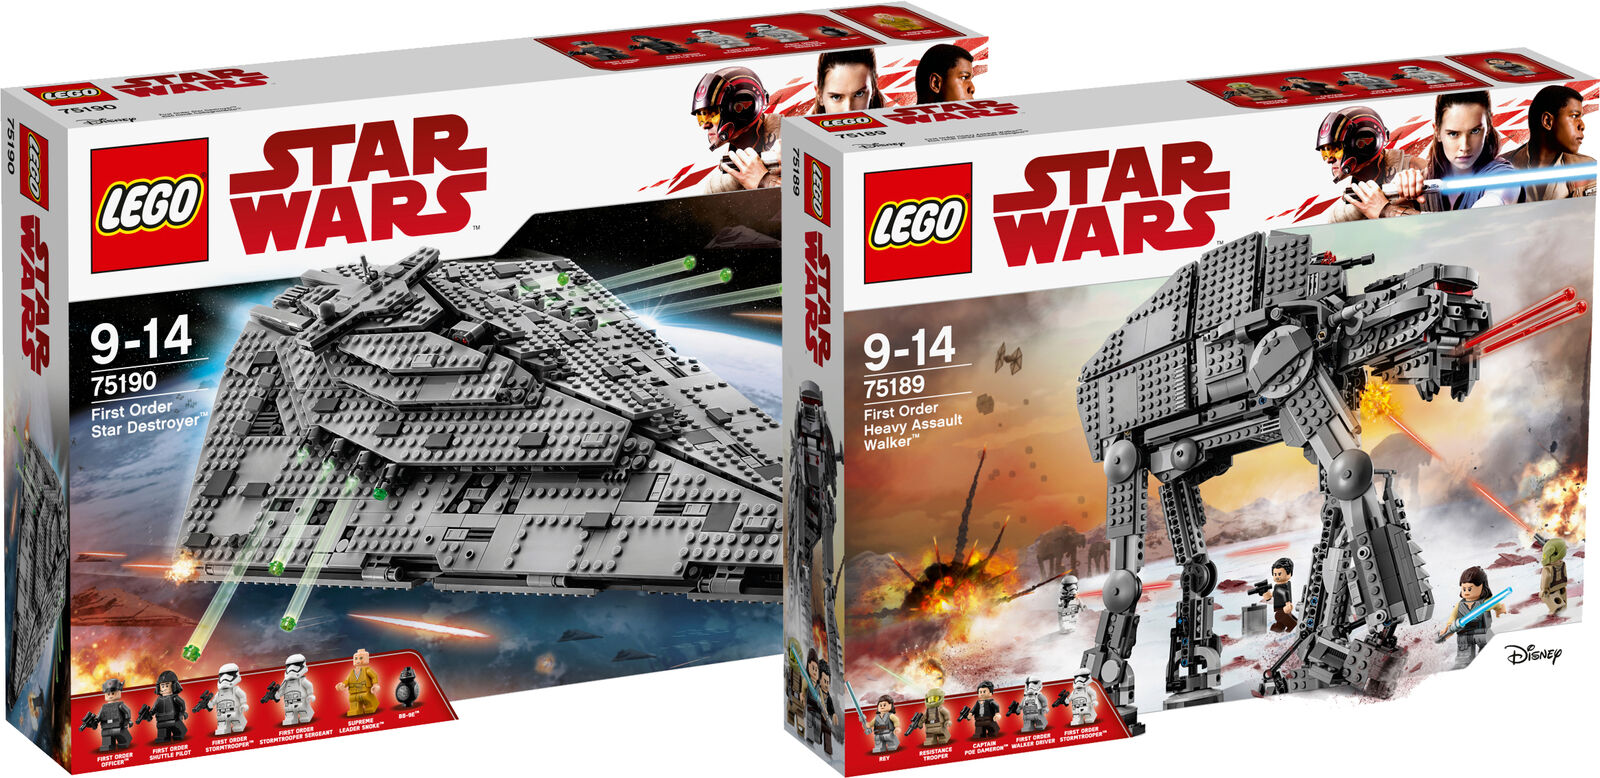 LEGO ® Star Wars first order Star Destroyer 75190 75189 Heavy Assault Walker